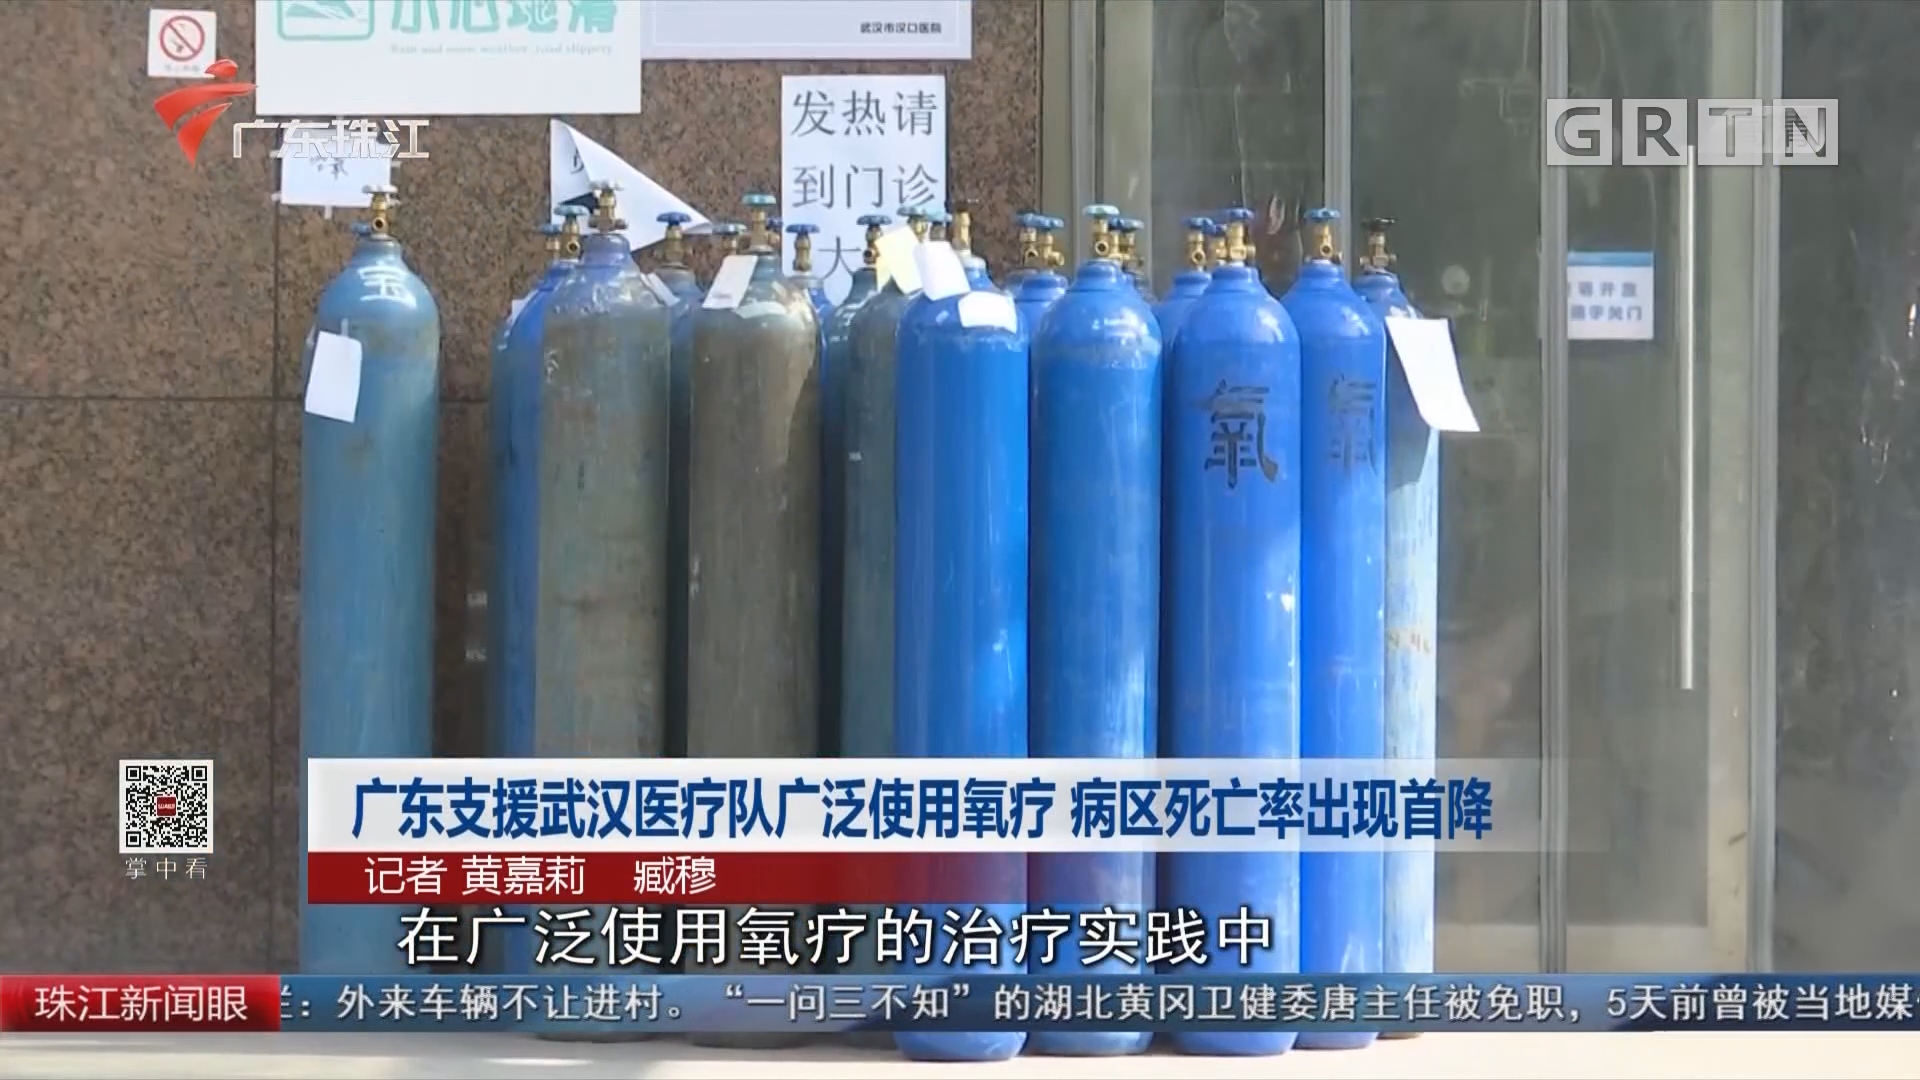 广东支援武汉医疗队广泛使用氧疗 病区死亡率出现首降